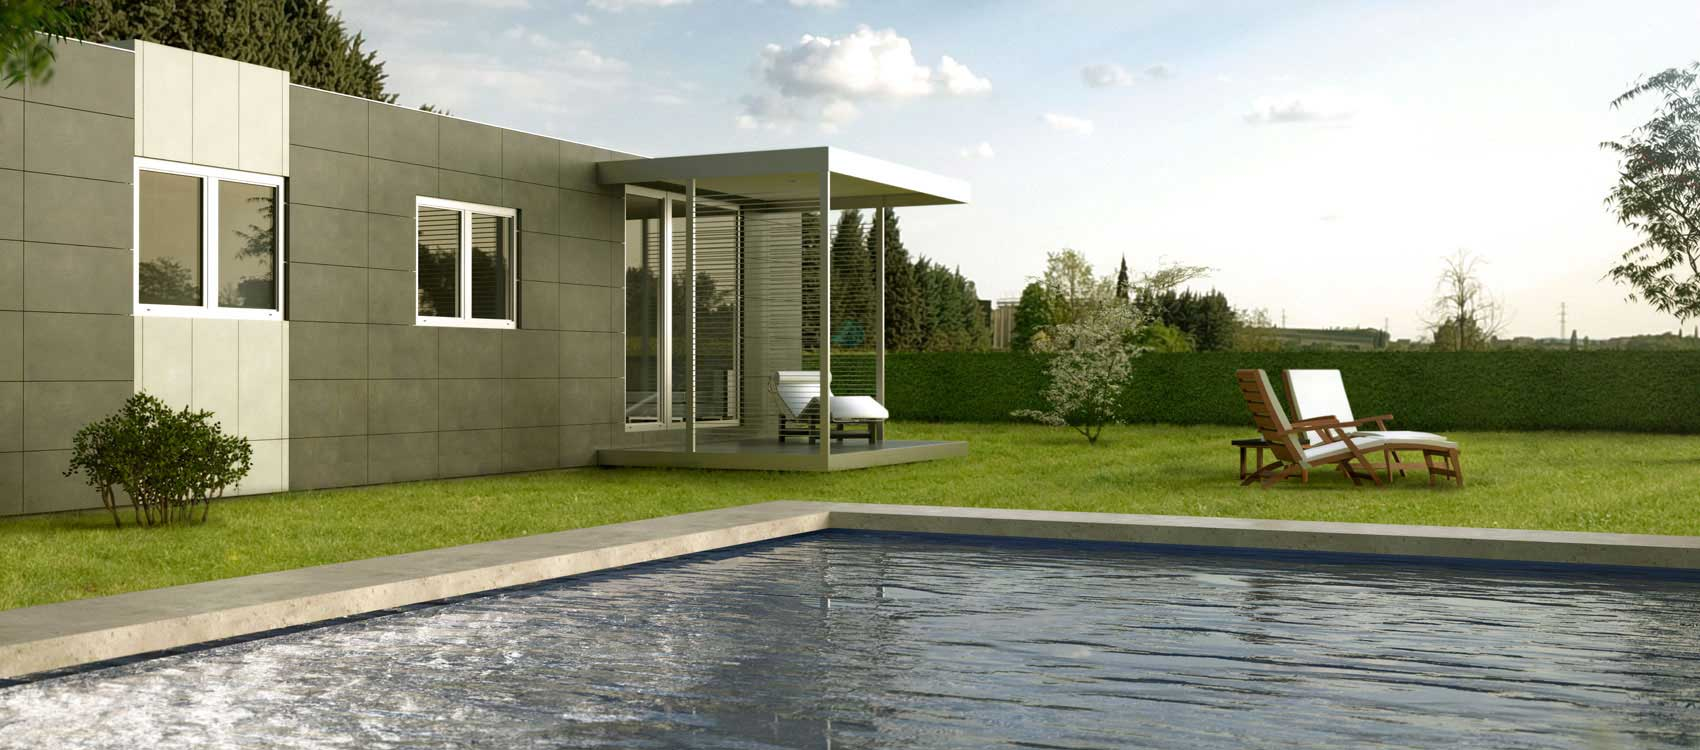 Casas modulares - Casa prefabricadas modulares ...